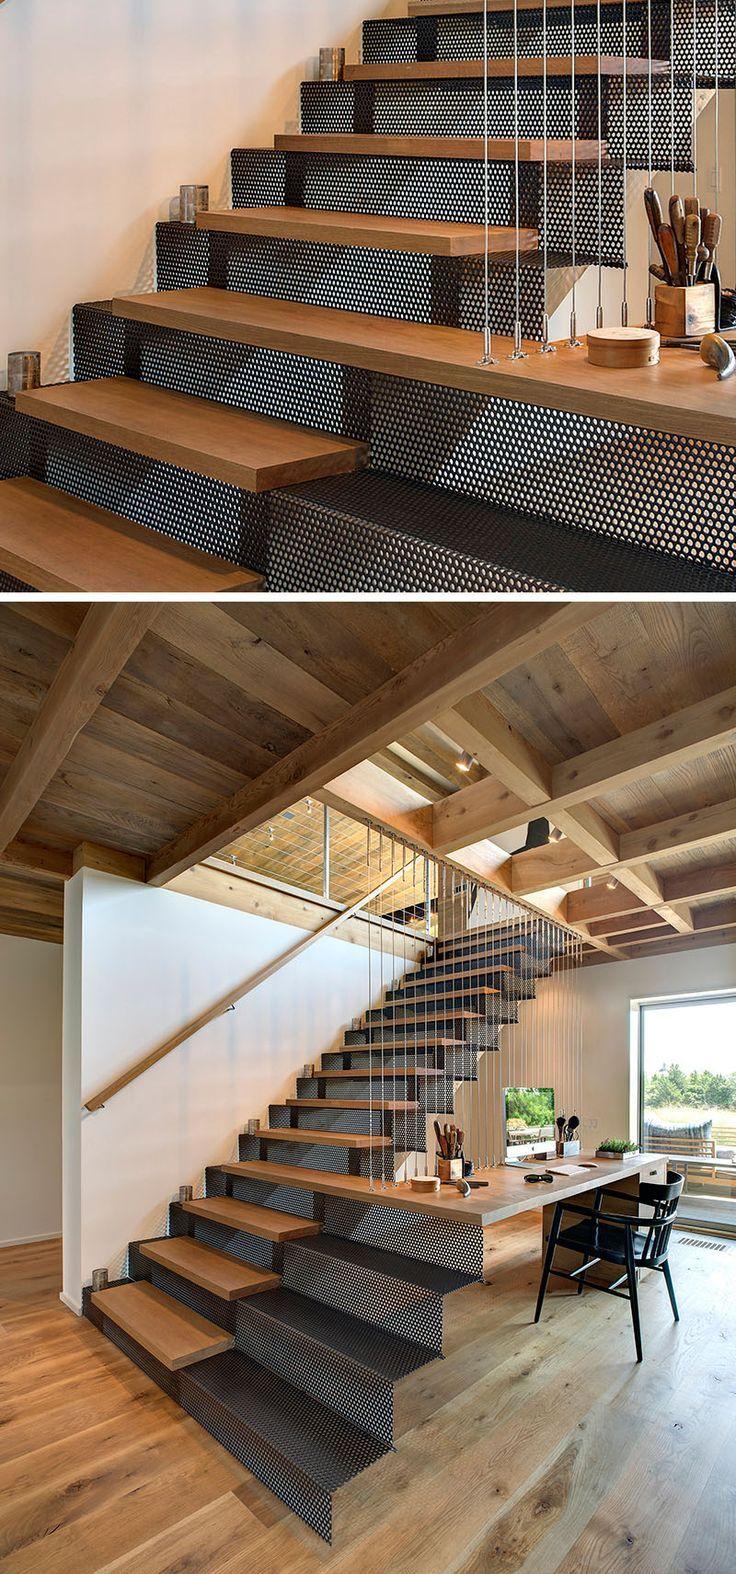 Escalier Interieur Design La Beaute Est Dans Les Details